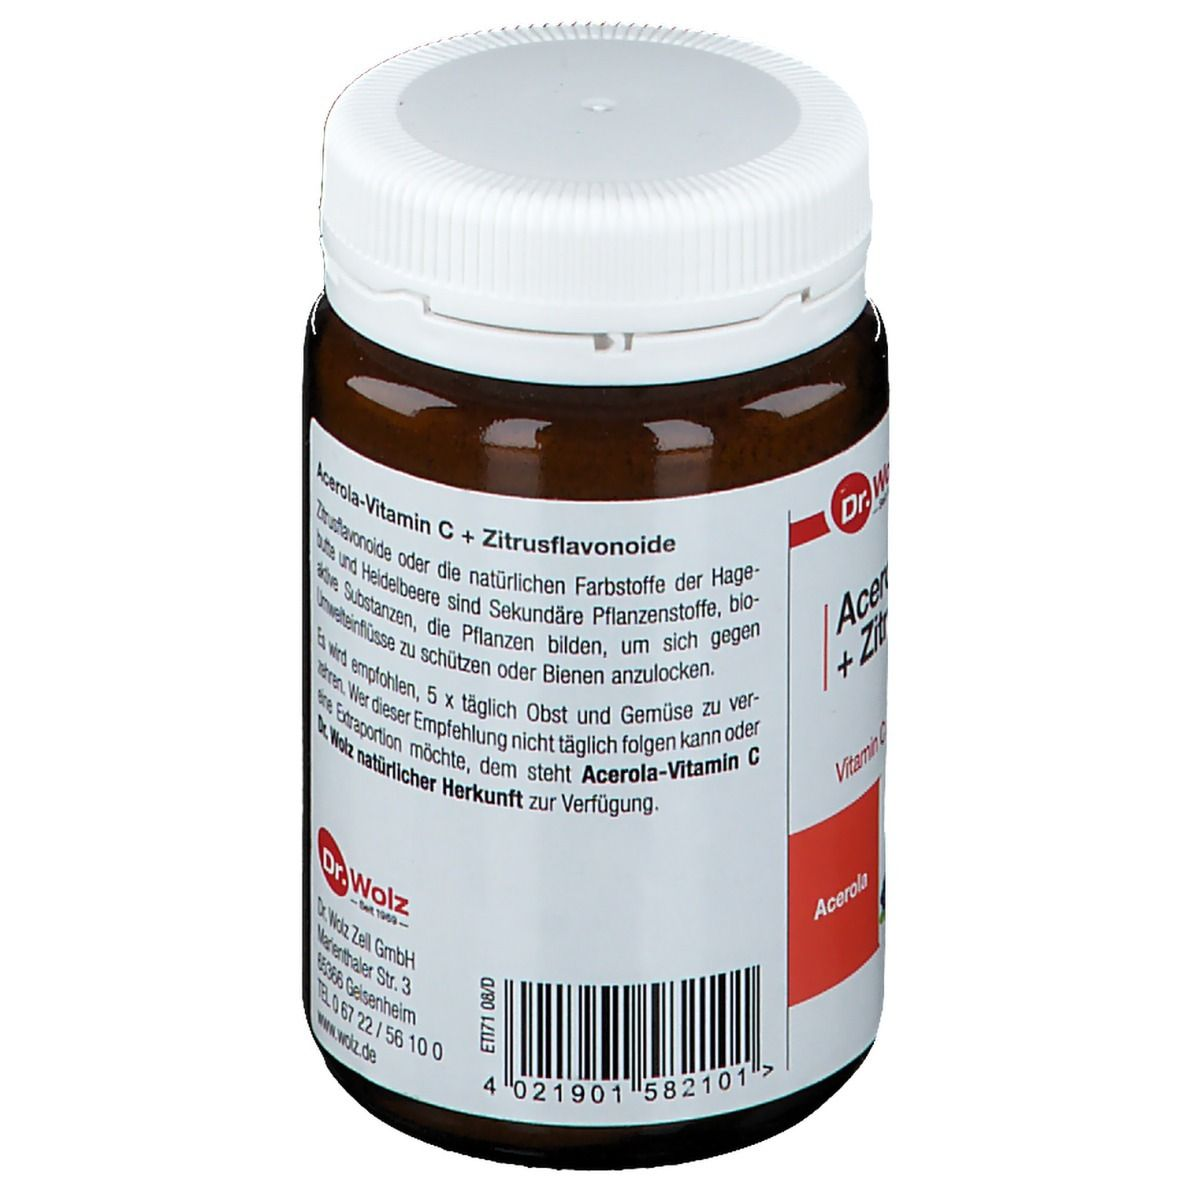 Acerola-Vitamin C + Bioflavonoide